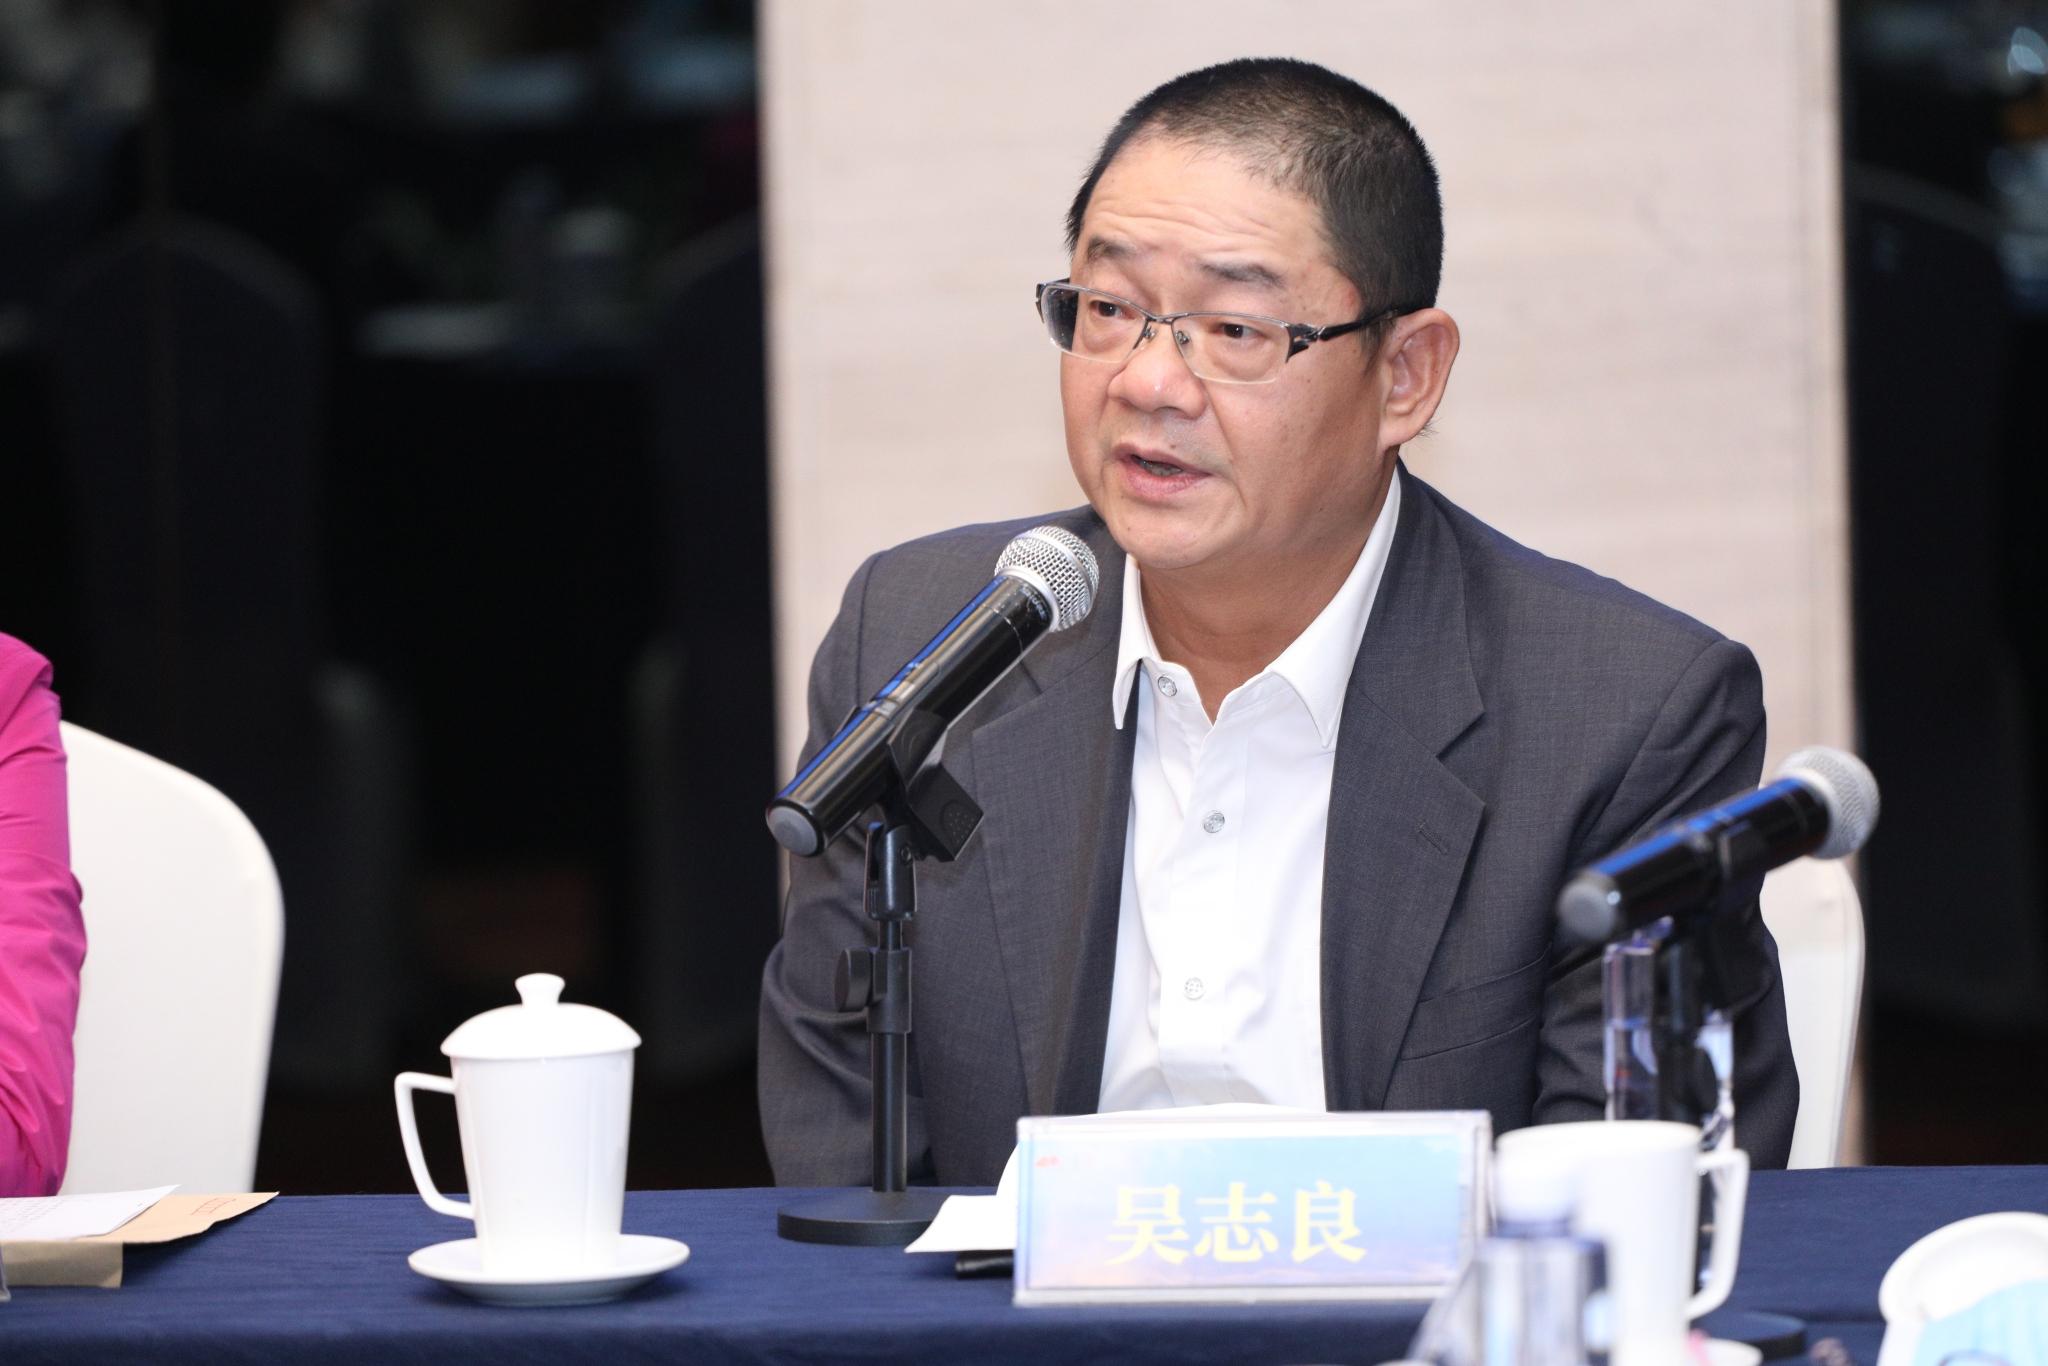 澳門基金會主席吳志良